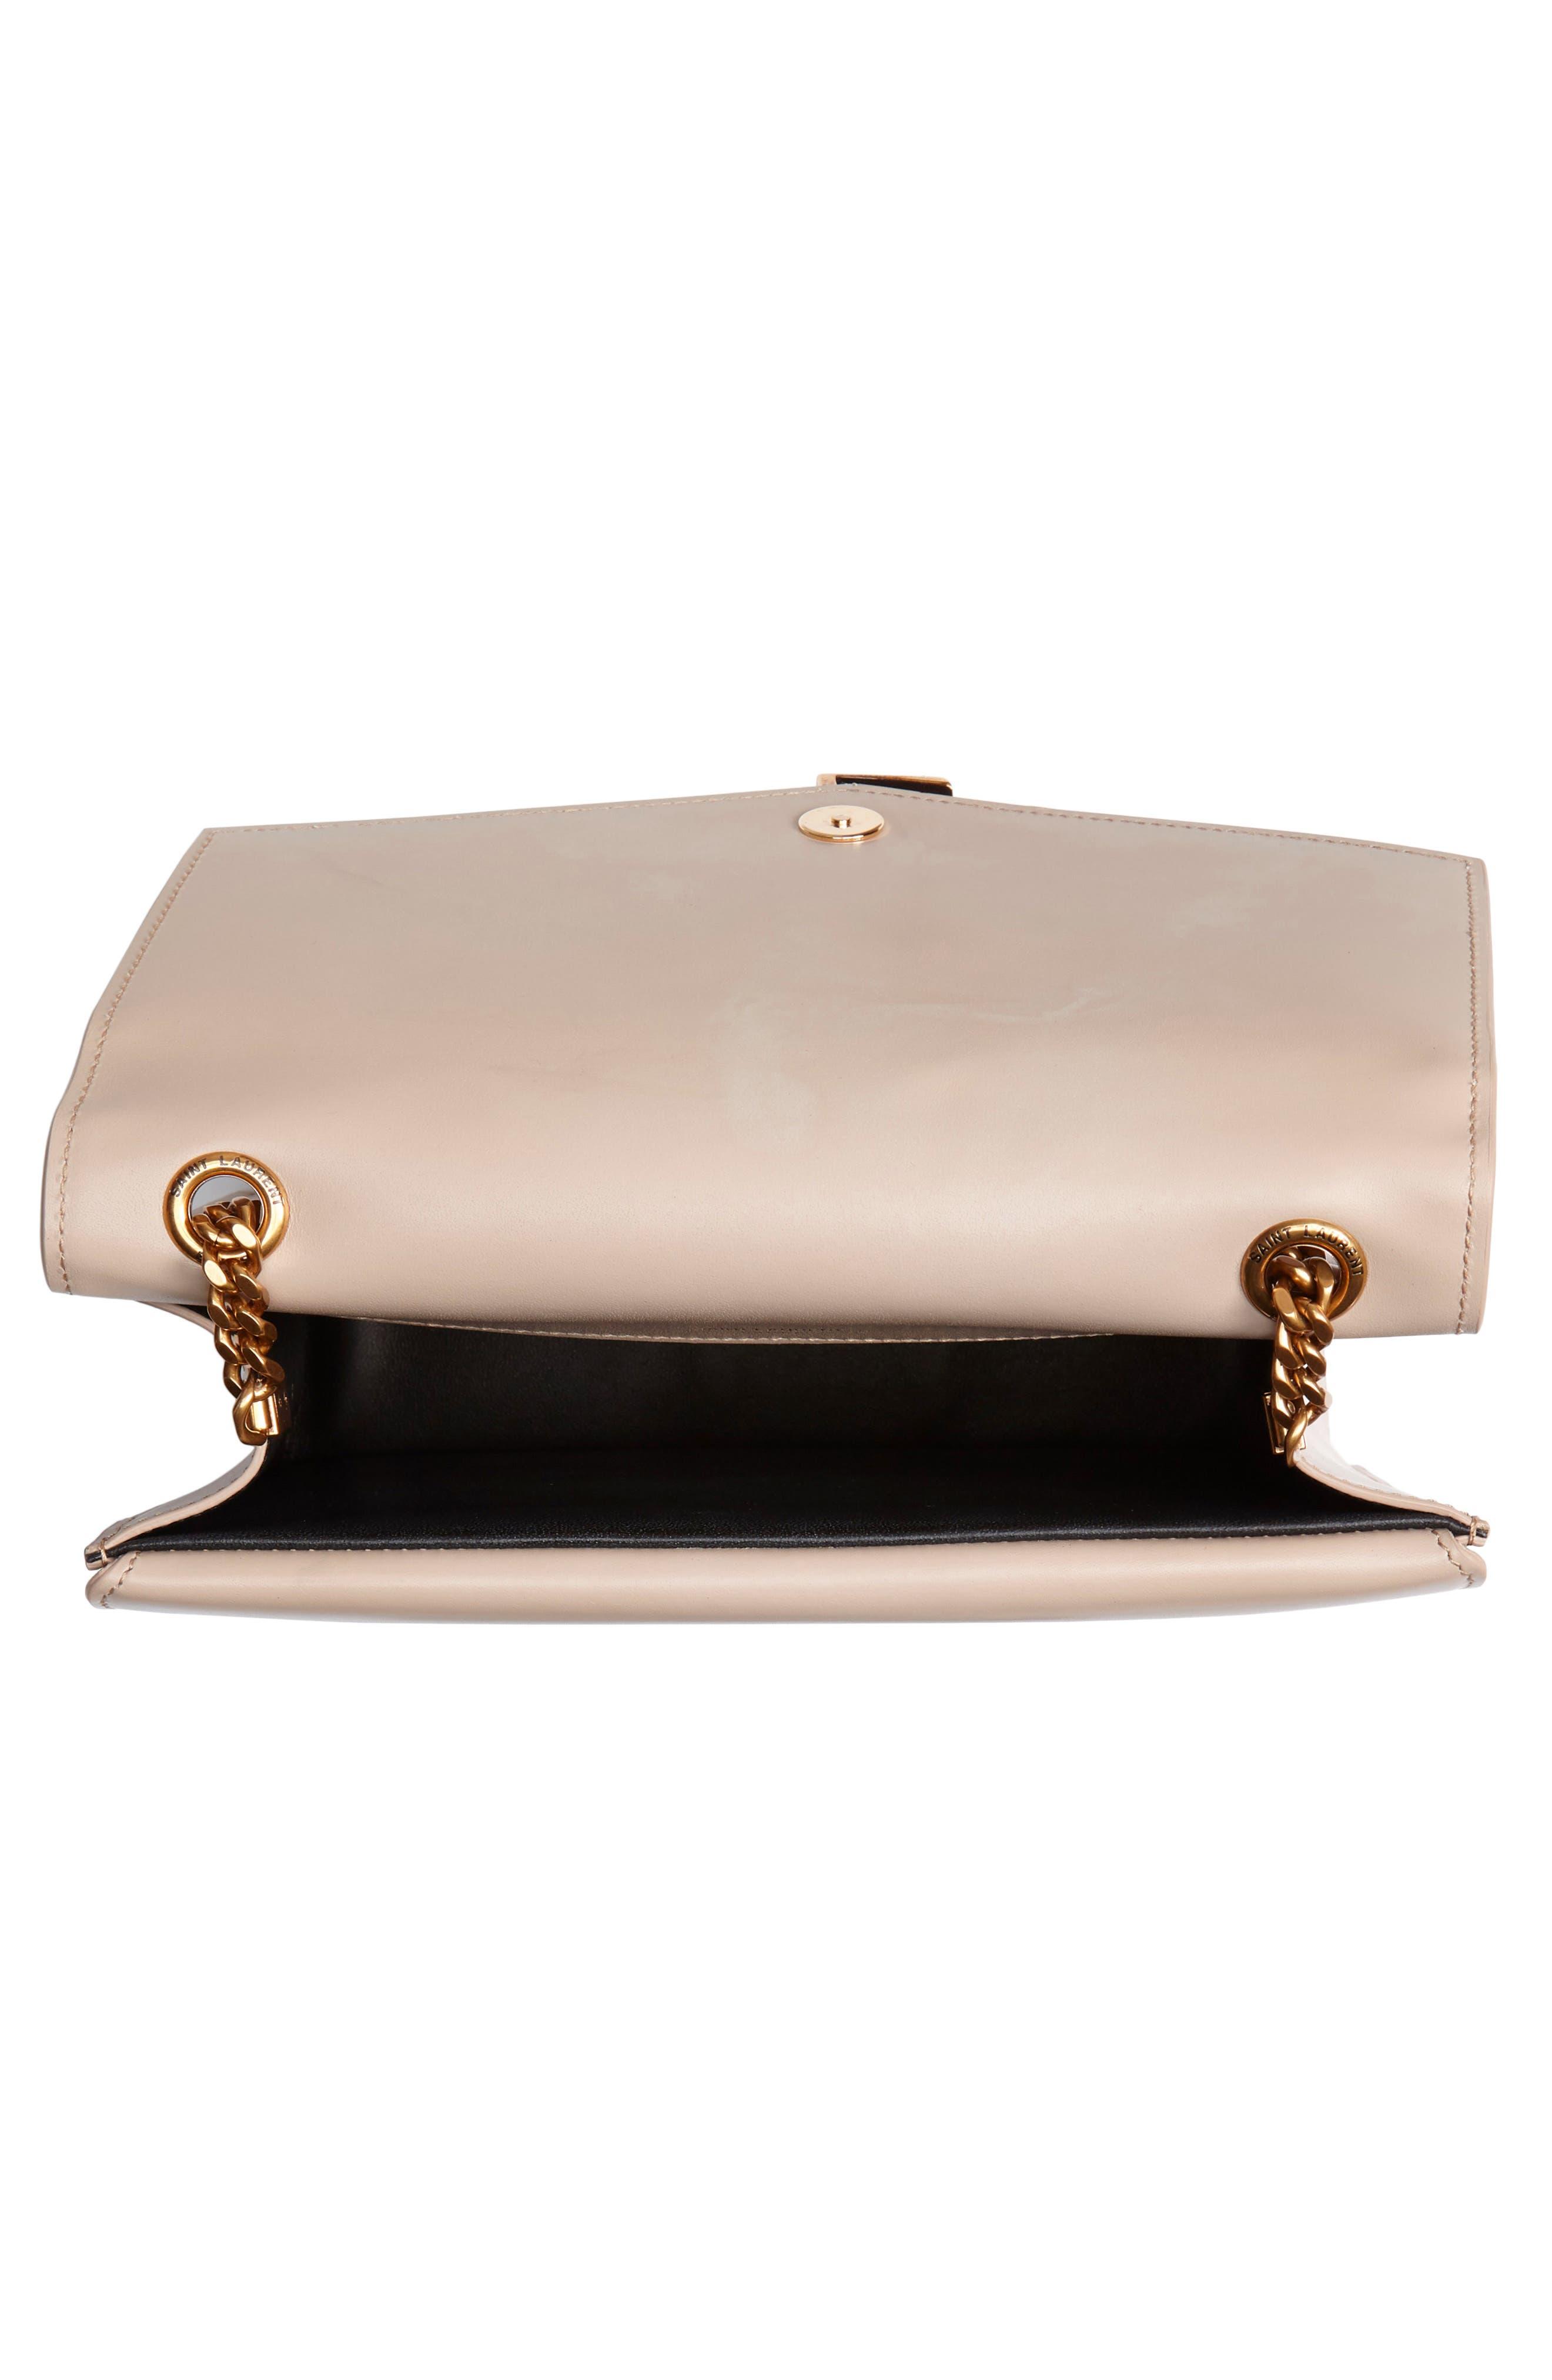 Sulpice Leather Shoulder Bag,                             Alternate thumbnail 4, color,                             LIGHT NATURAL